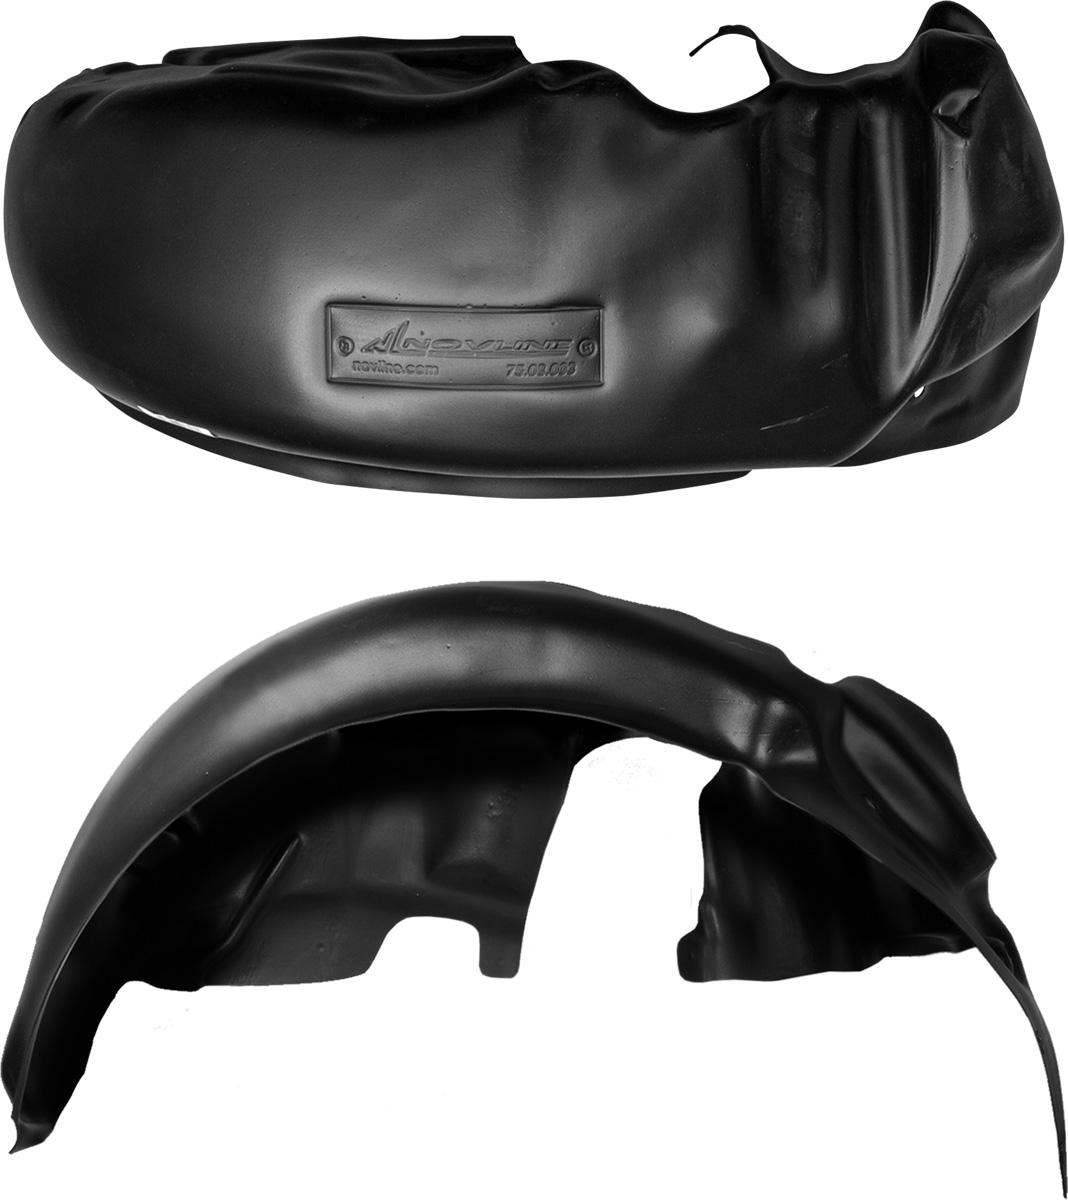 Подкрылок КIА Spectra 2005-2011, задний левыйNLL.25.12.003Колесные ниши – одни из самых уязвимых зон днища вашего автомобиля. Они постоянно подвергаются воздействию со стороны дороги. Лучшая, почти абсолютная защита для них - специально отформованные пластиковые кожухи, которые называются подкрылками, или локерами. Производятся они как для отечественных моделей автомобилей, так и для иномарок. Подкрылки выполнены из высококачественного, экологически чистого пластика. Обеспечивают надежную защиту кузова автомобиля от пескоструйного эффекта и негативного влияния, агрессивных антигололедных реагентов. Пластик обладает более низкой теплопроводностью, чем металл, поэтому в зимний период эксплуатации использование пластиковых подкрылков позволяет лучше защитить колесные ниши от налипания снега и образования наледи. Оригинальность конструкции подчеркивает элегантность автомобиля, бережно защищает нанесенное на днище кузова антикоррозийное покрытие и позволяет осуществить крепление подкрылков внутри колесной арки практически без дополнительного...